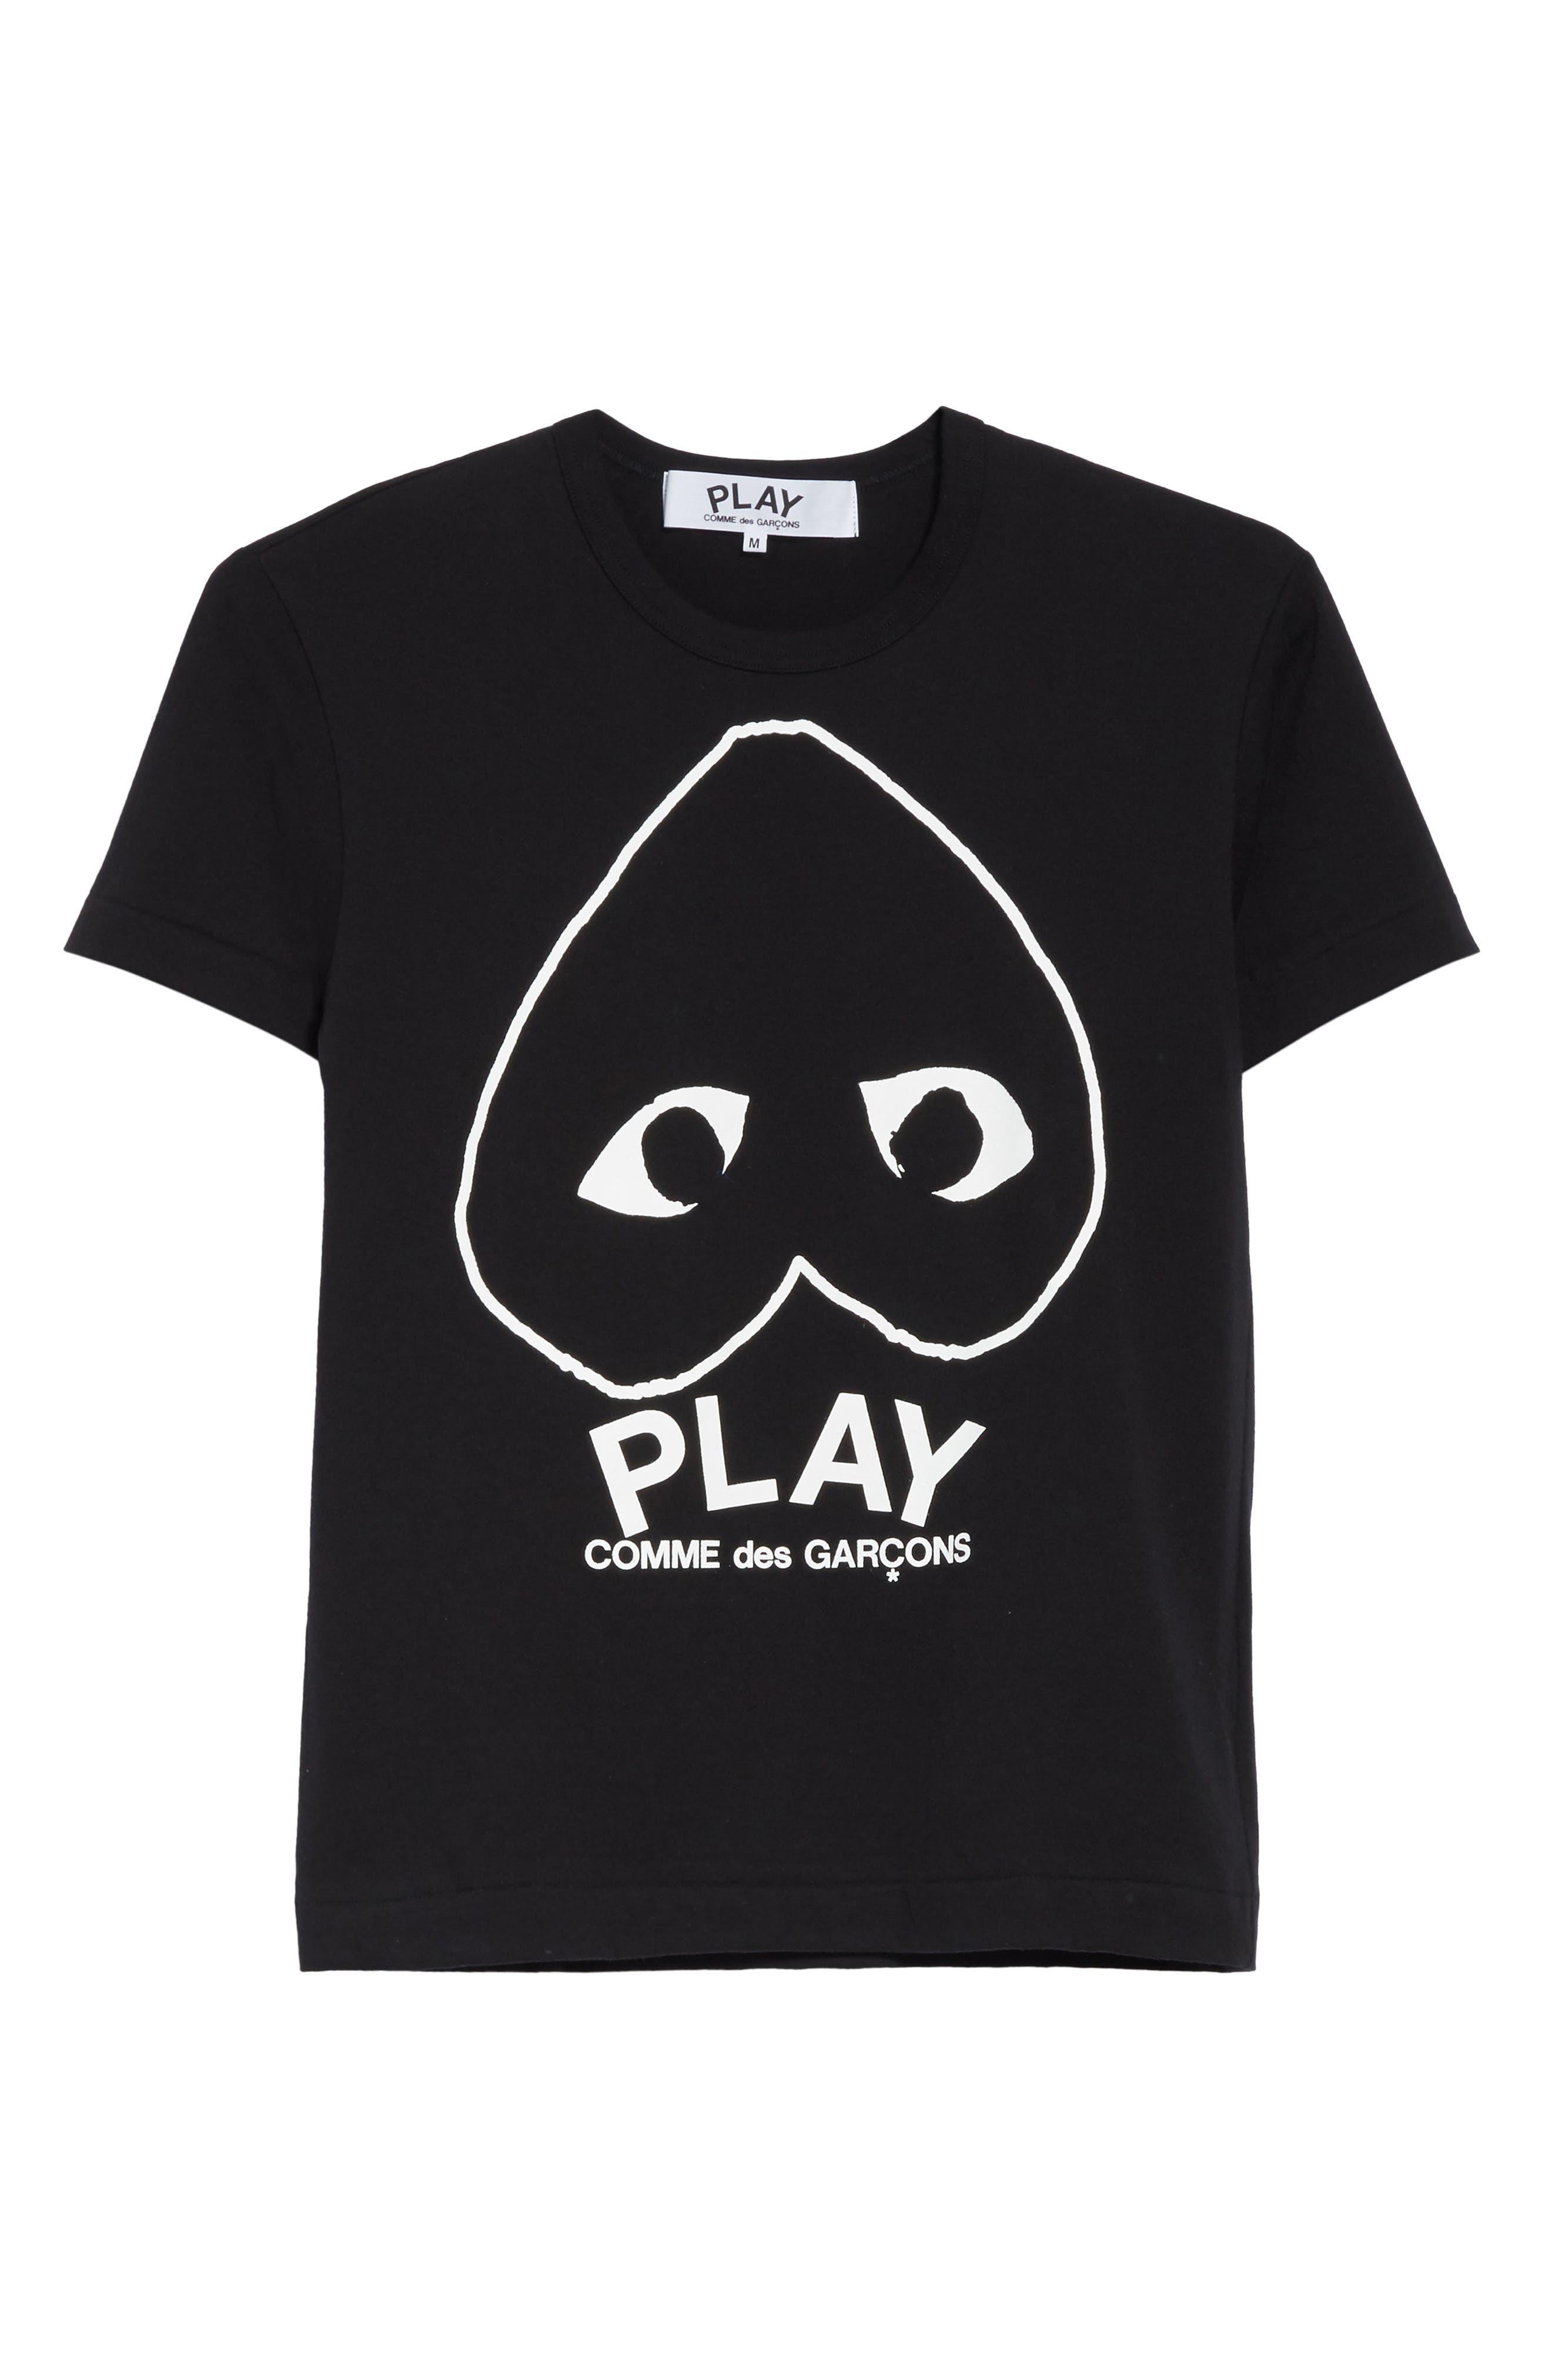 Comme des Garçons PLAY Inverted Heart Logo T-Shirt